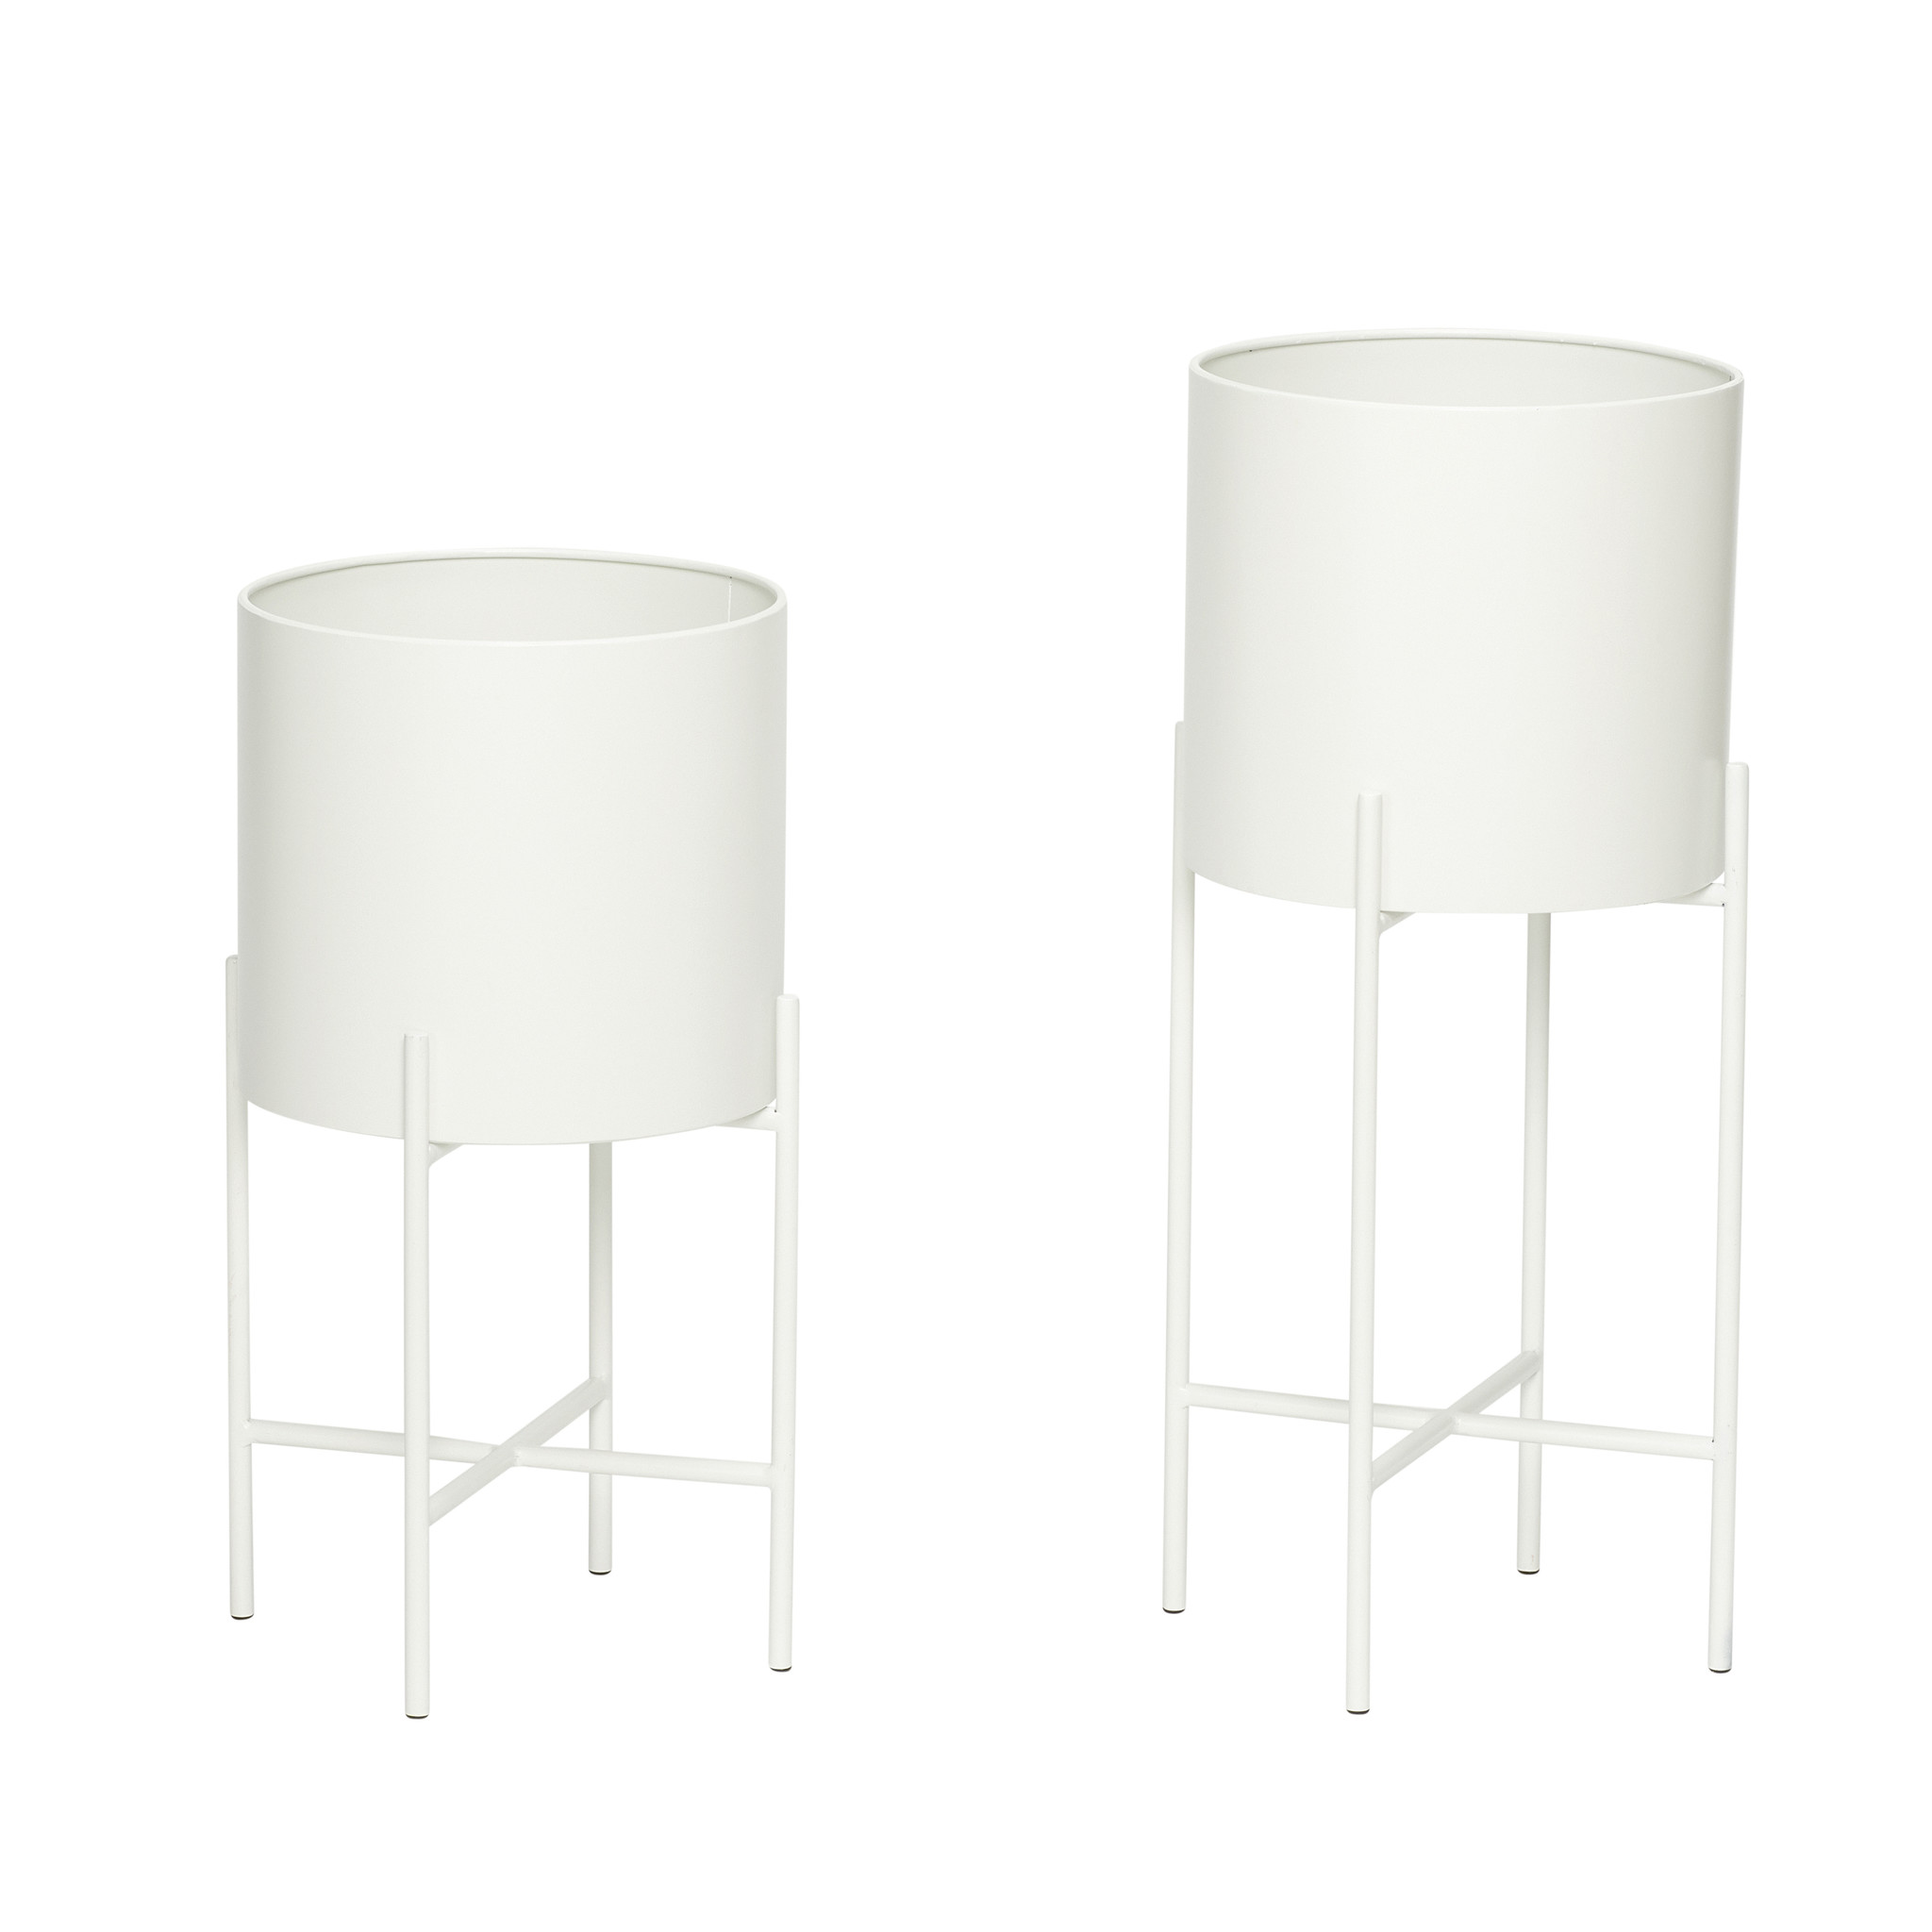 Hubsch Pot met poot, metaal, wit, set van 2-940512-5712772062913